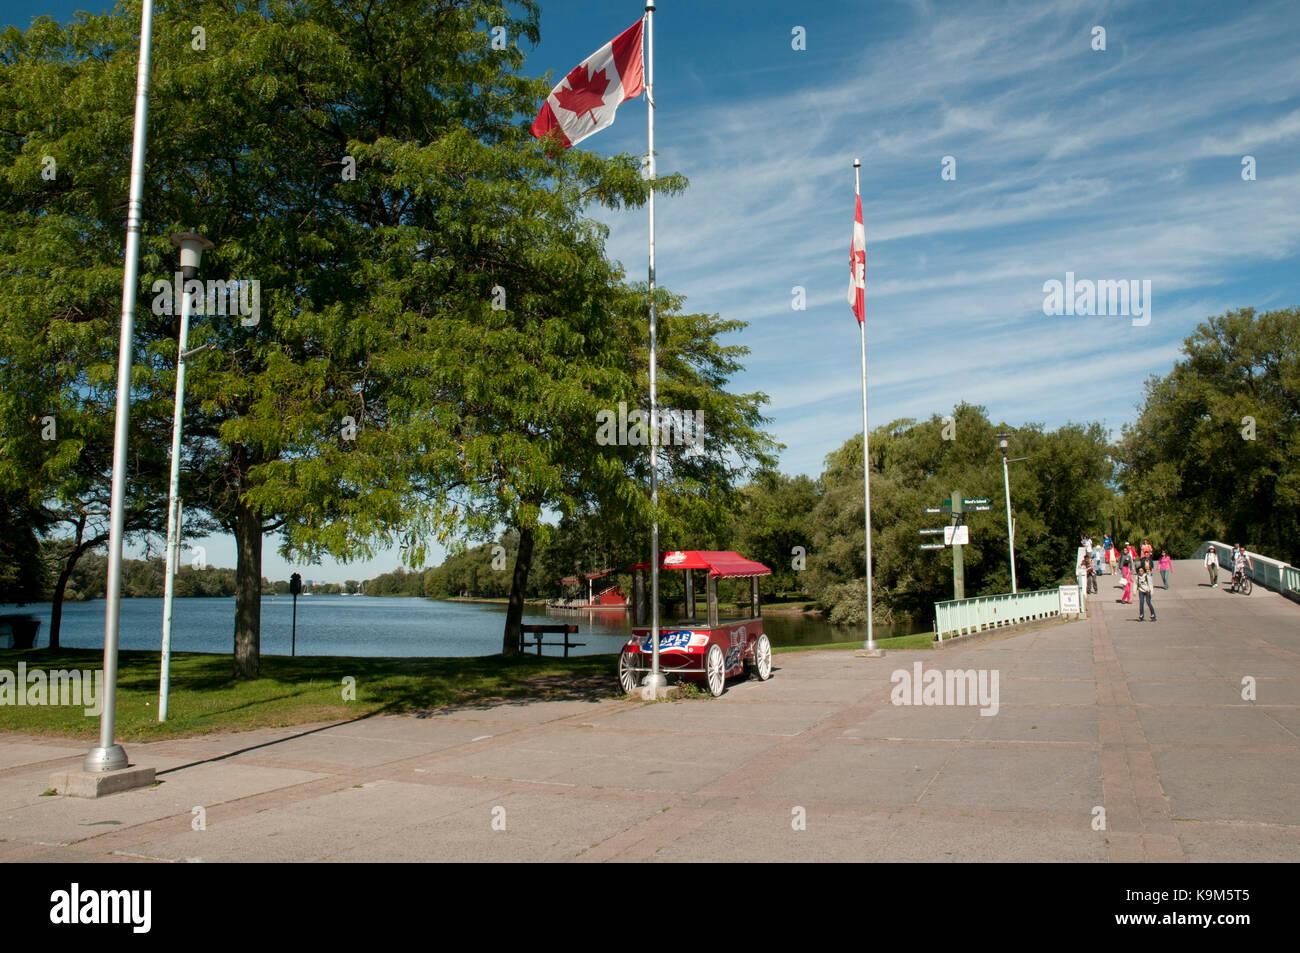 Centre Island Park, Toronto Islands, Canada Stock Photo